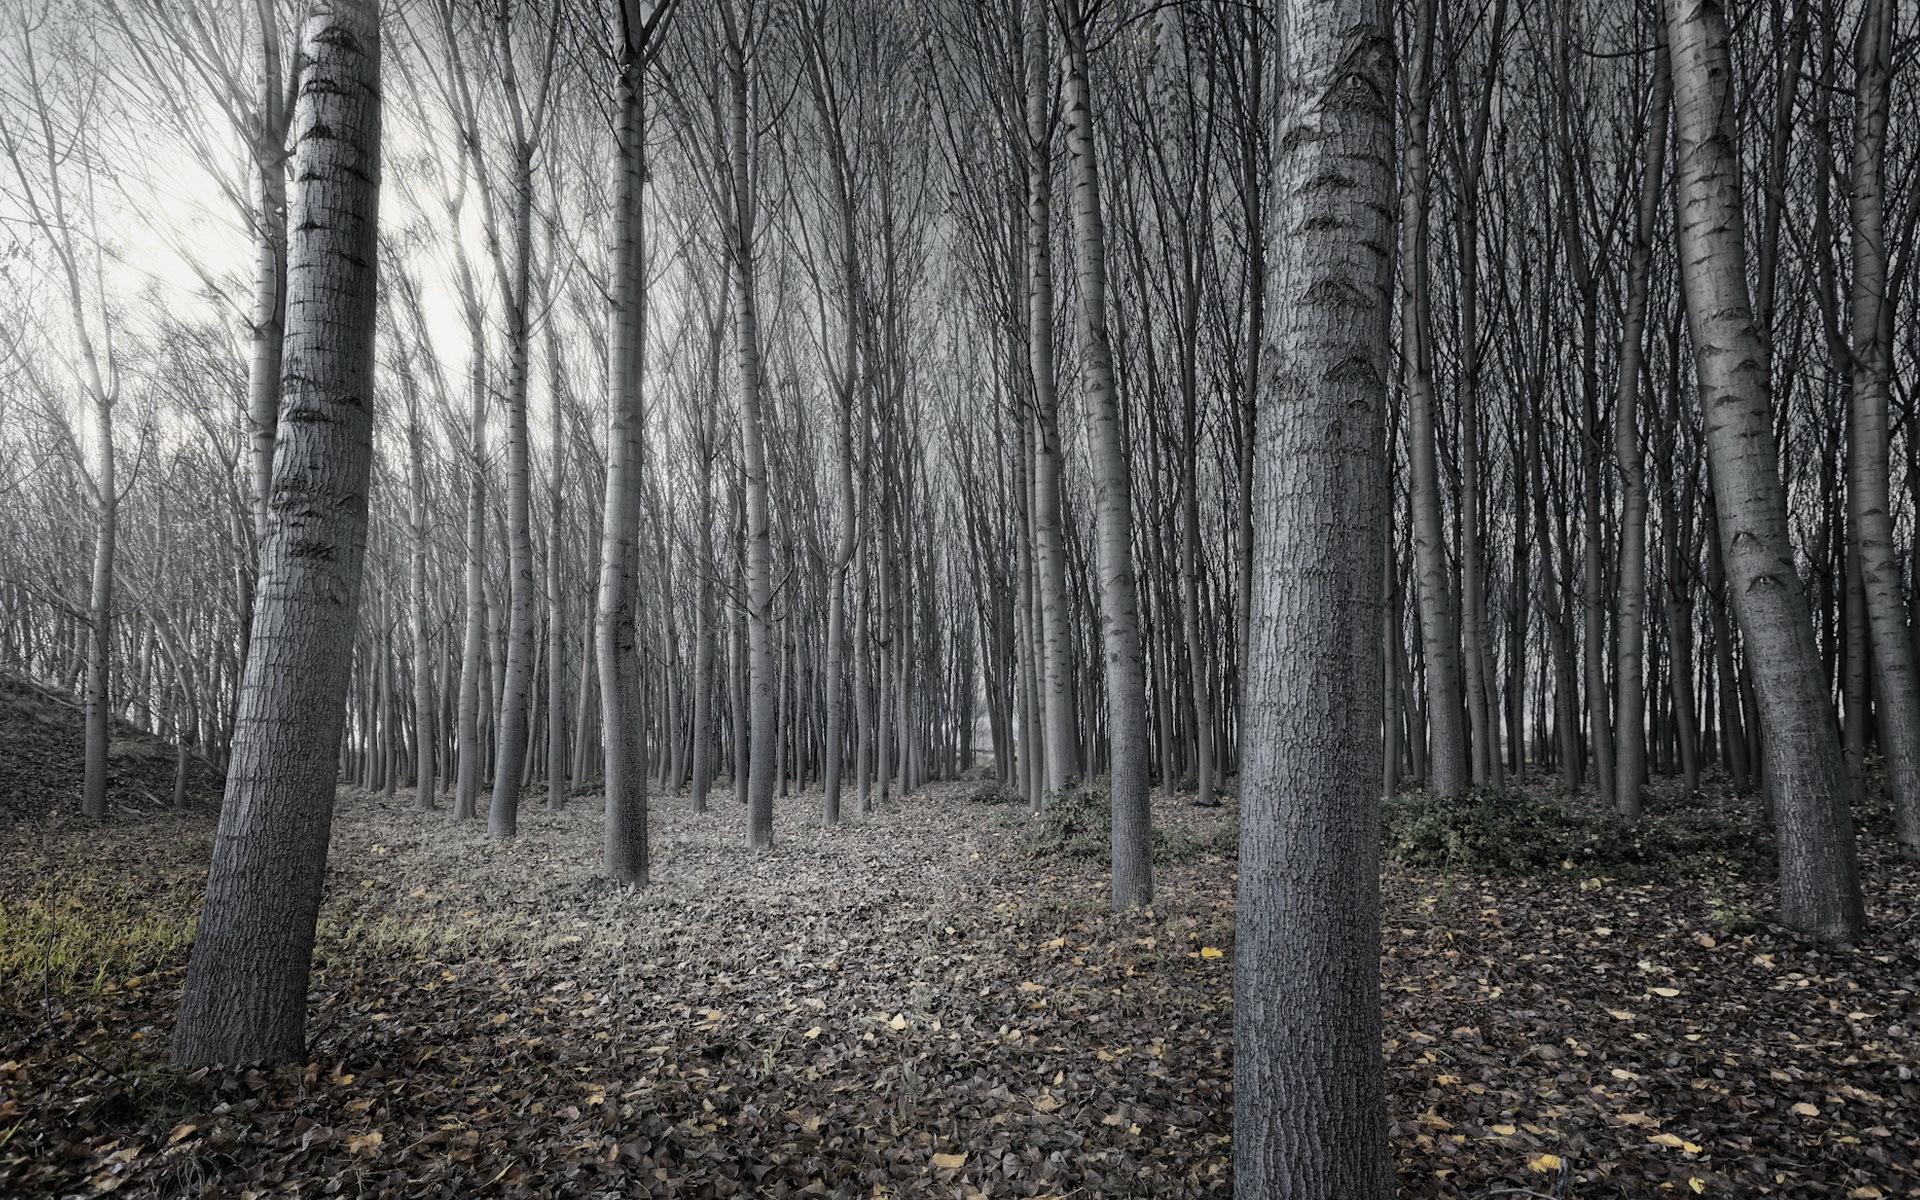 Full Hd Forest Wallpapers Dark Hd Desktop Wallpapers 4k Hd